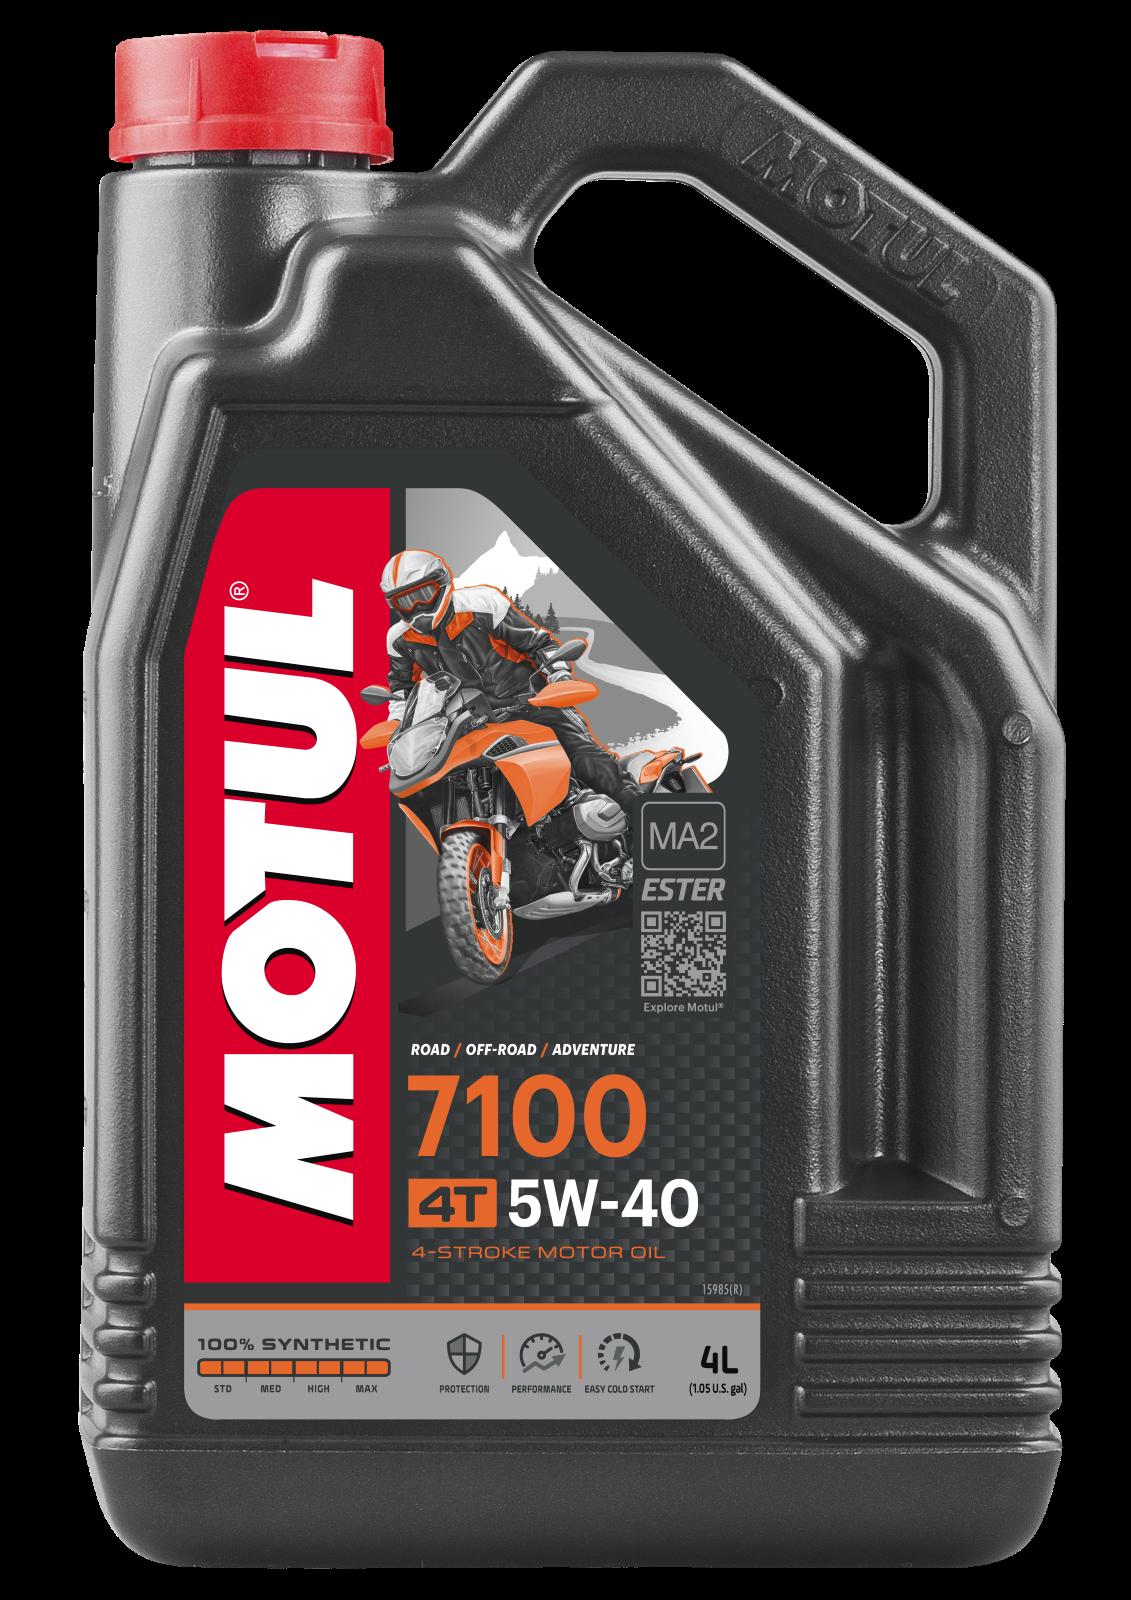 MOTUL AG MOTUL 7100 4T 5W-40 4L